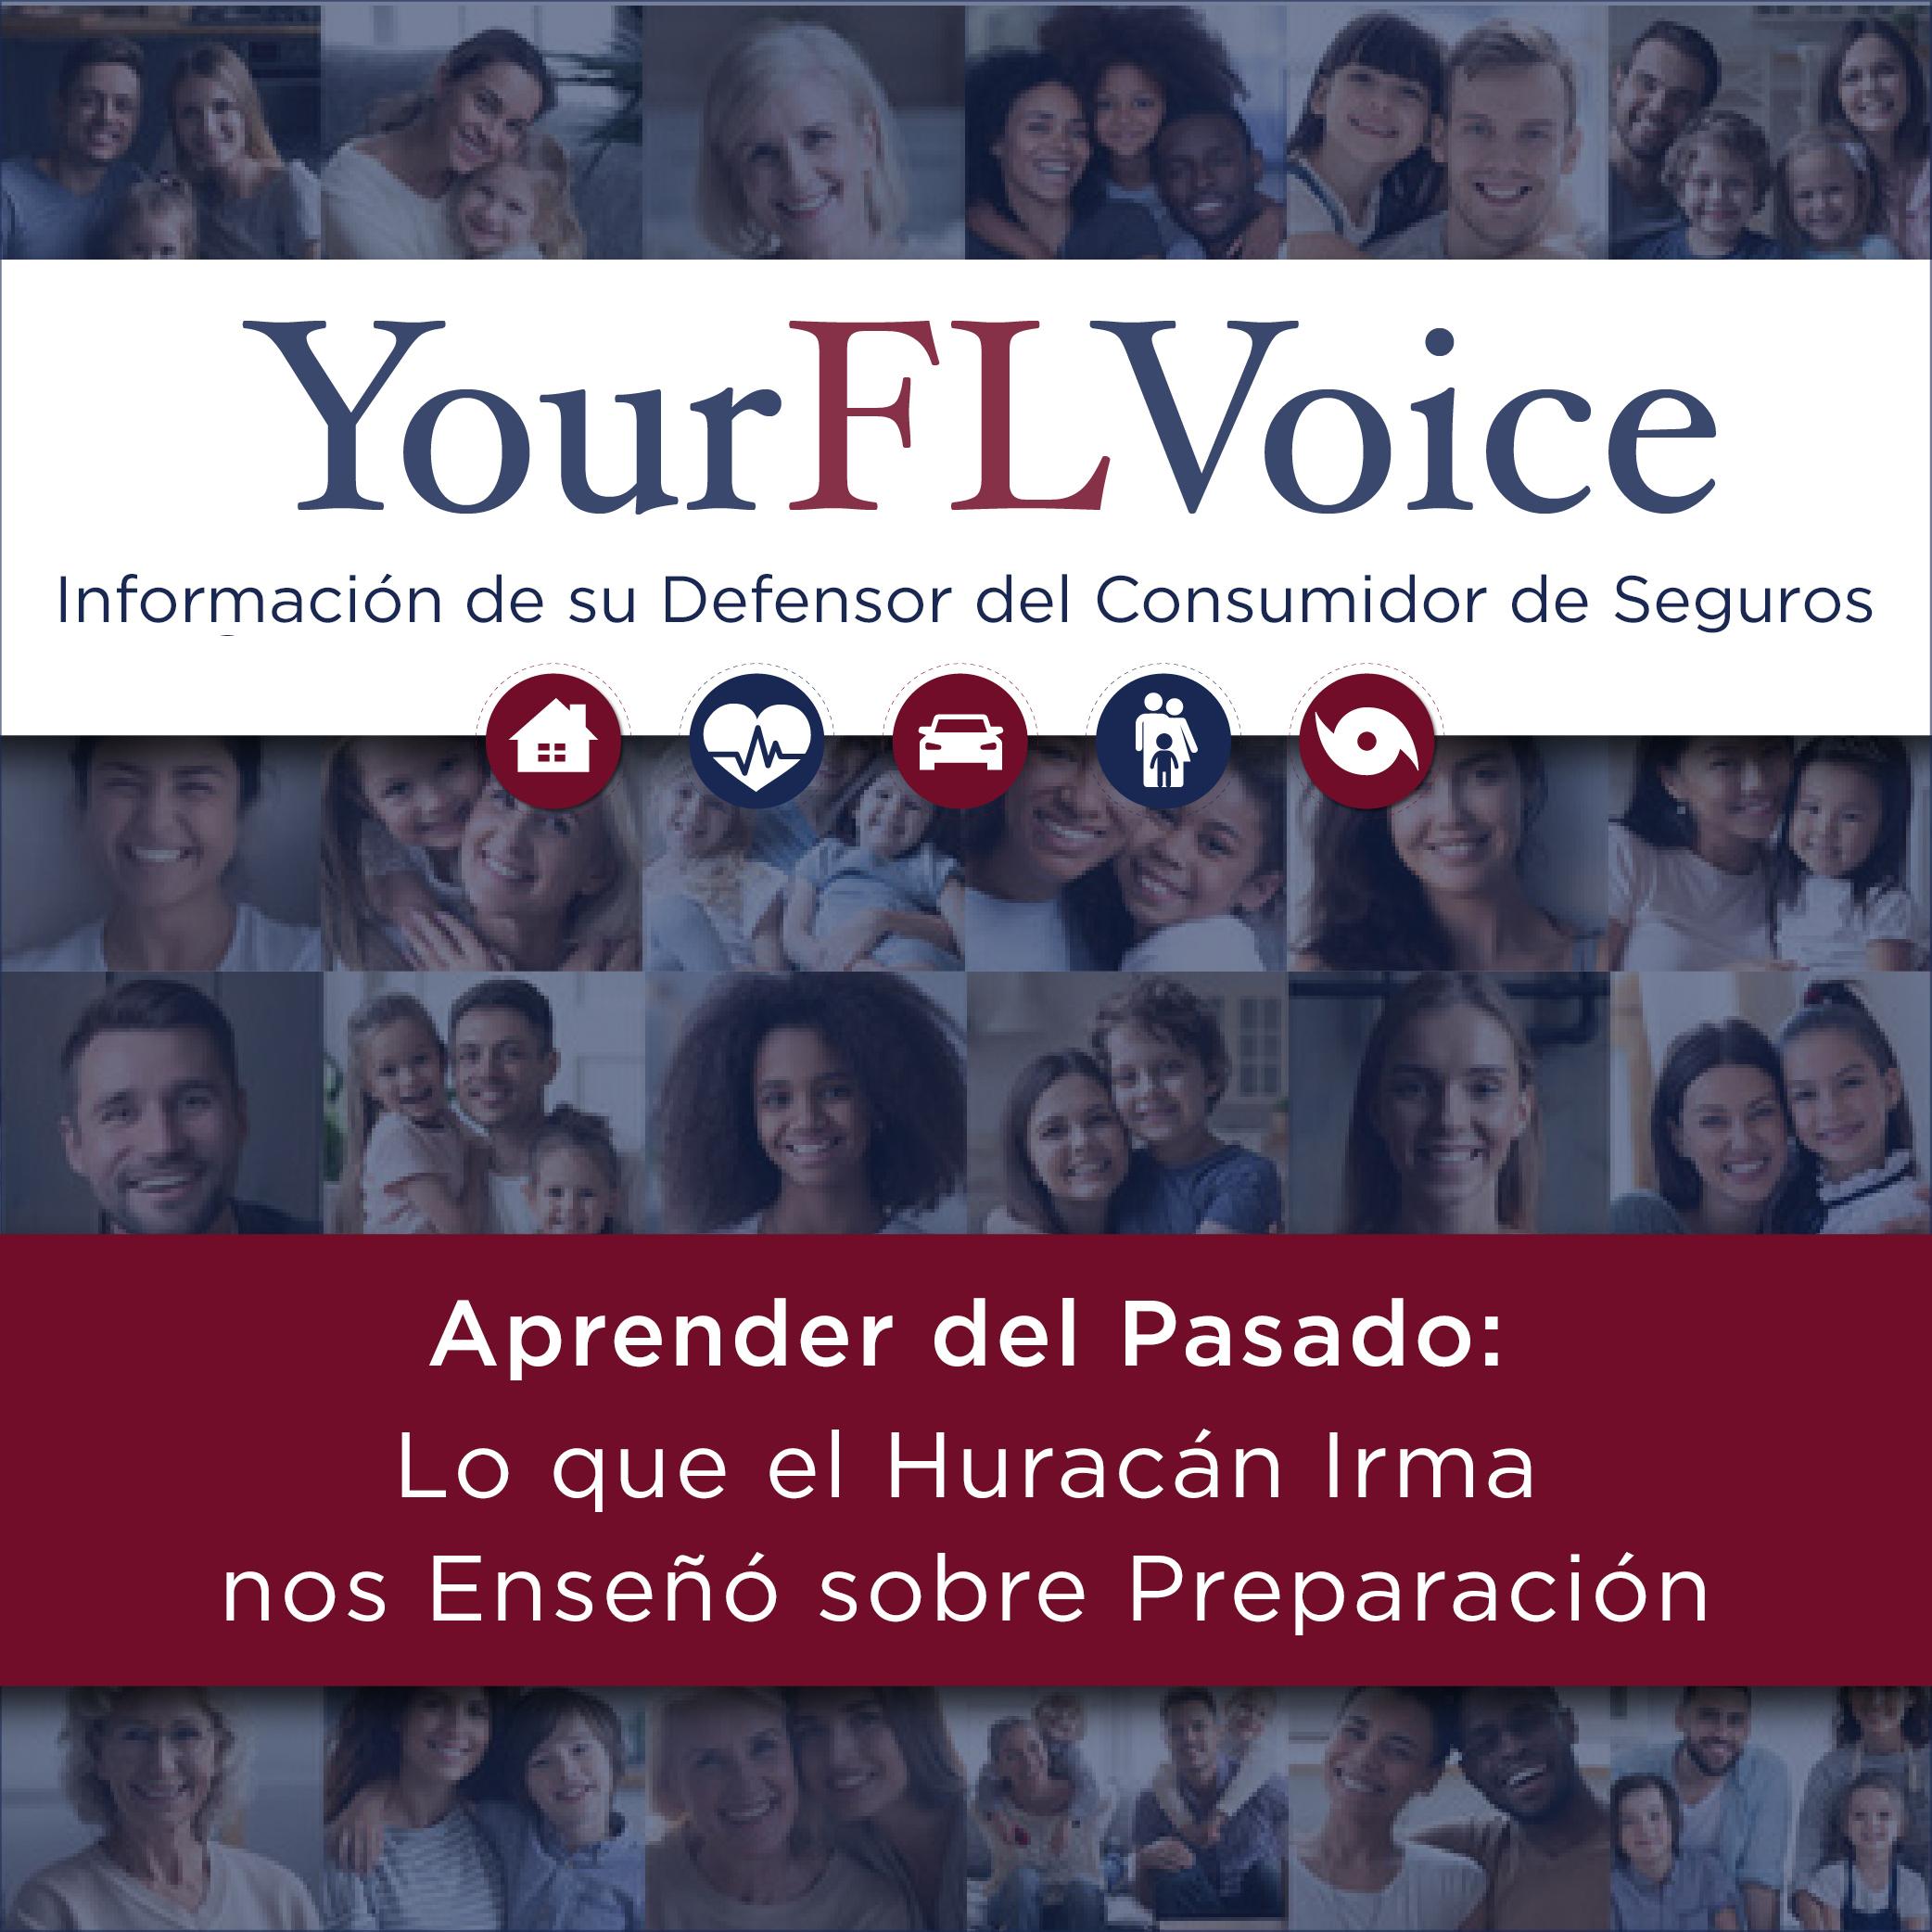 Email de YourFLVoice - Aprender del Pasado: Lo que el Huracán Irma nos Enseñó sobre Preparación